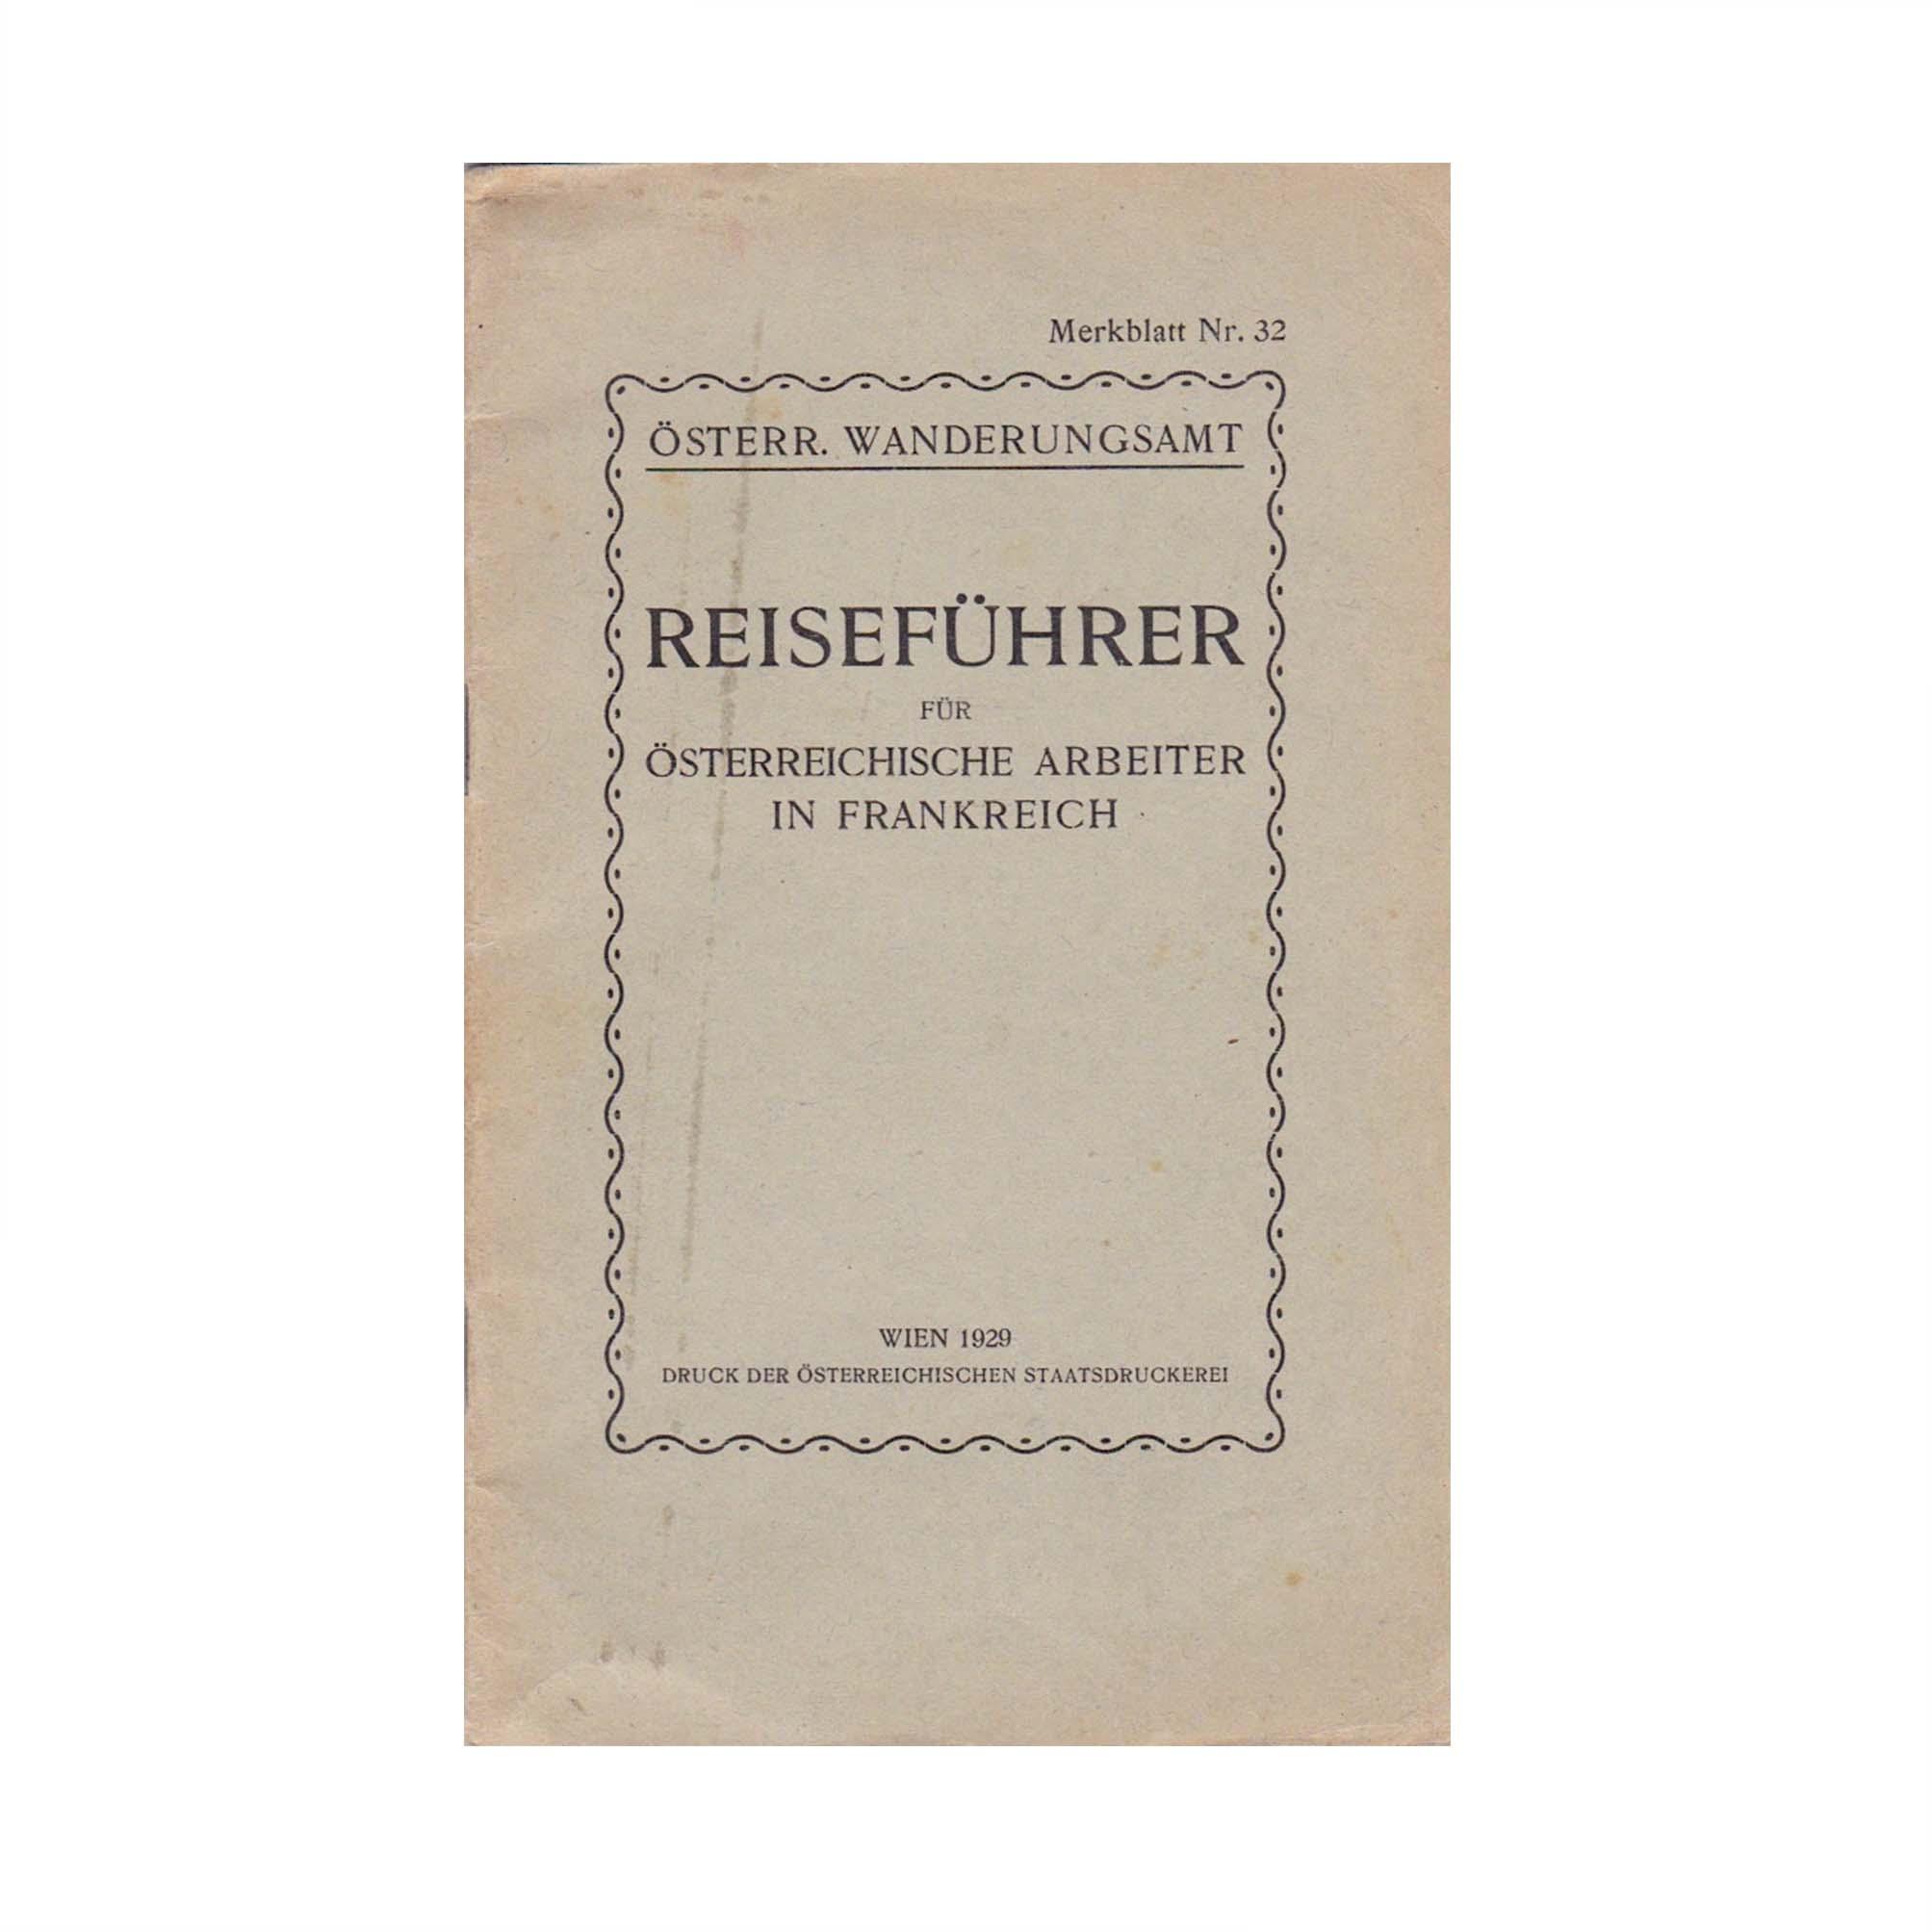 5521-Wanderungsamt-Reiseführer-Frankreich-1929-Umschlag-N.jpg